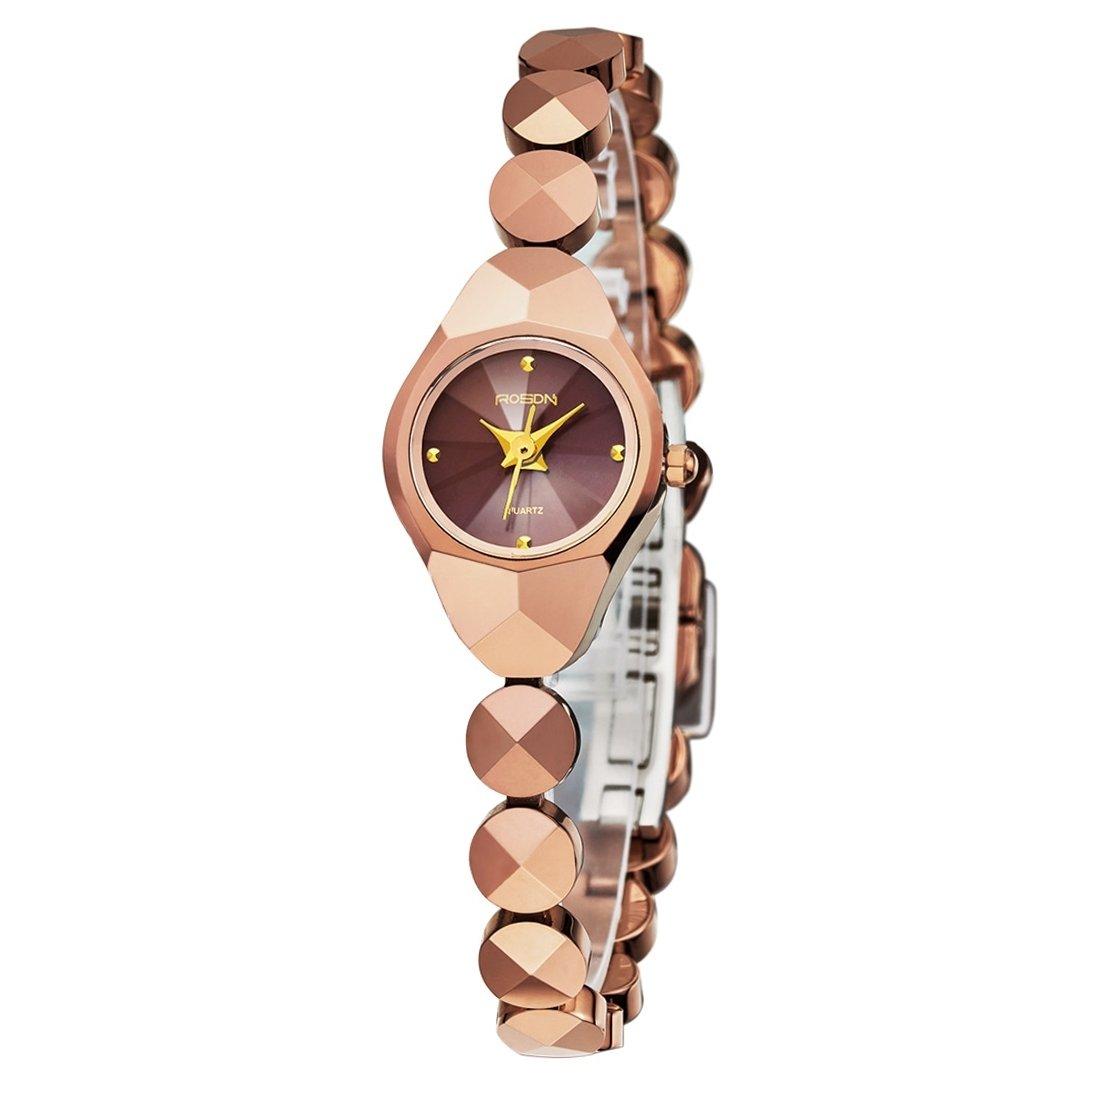 SchÖne Uhren - ROSDN Sapphire Spiegel Strass Skala Quartz Damenuhr mit reinen Wolfram Stahlband